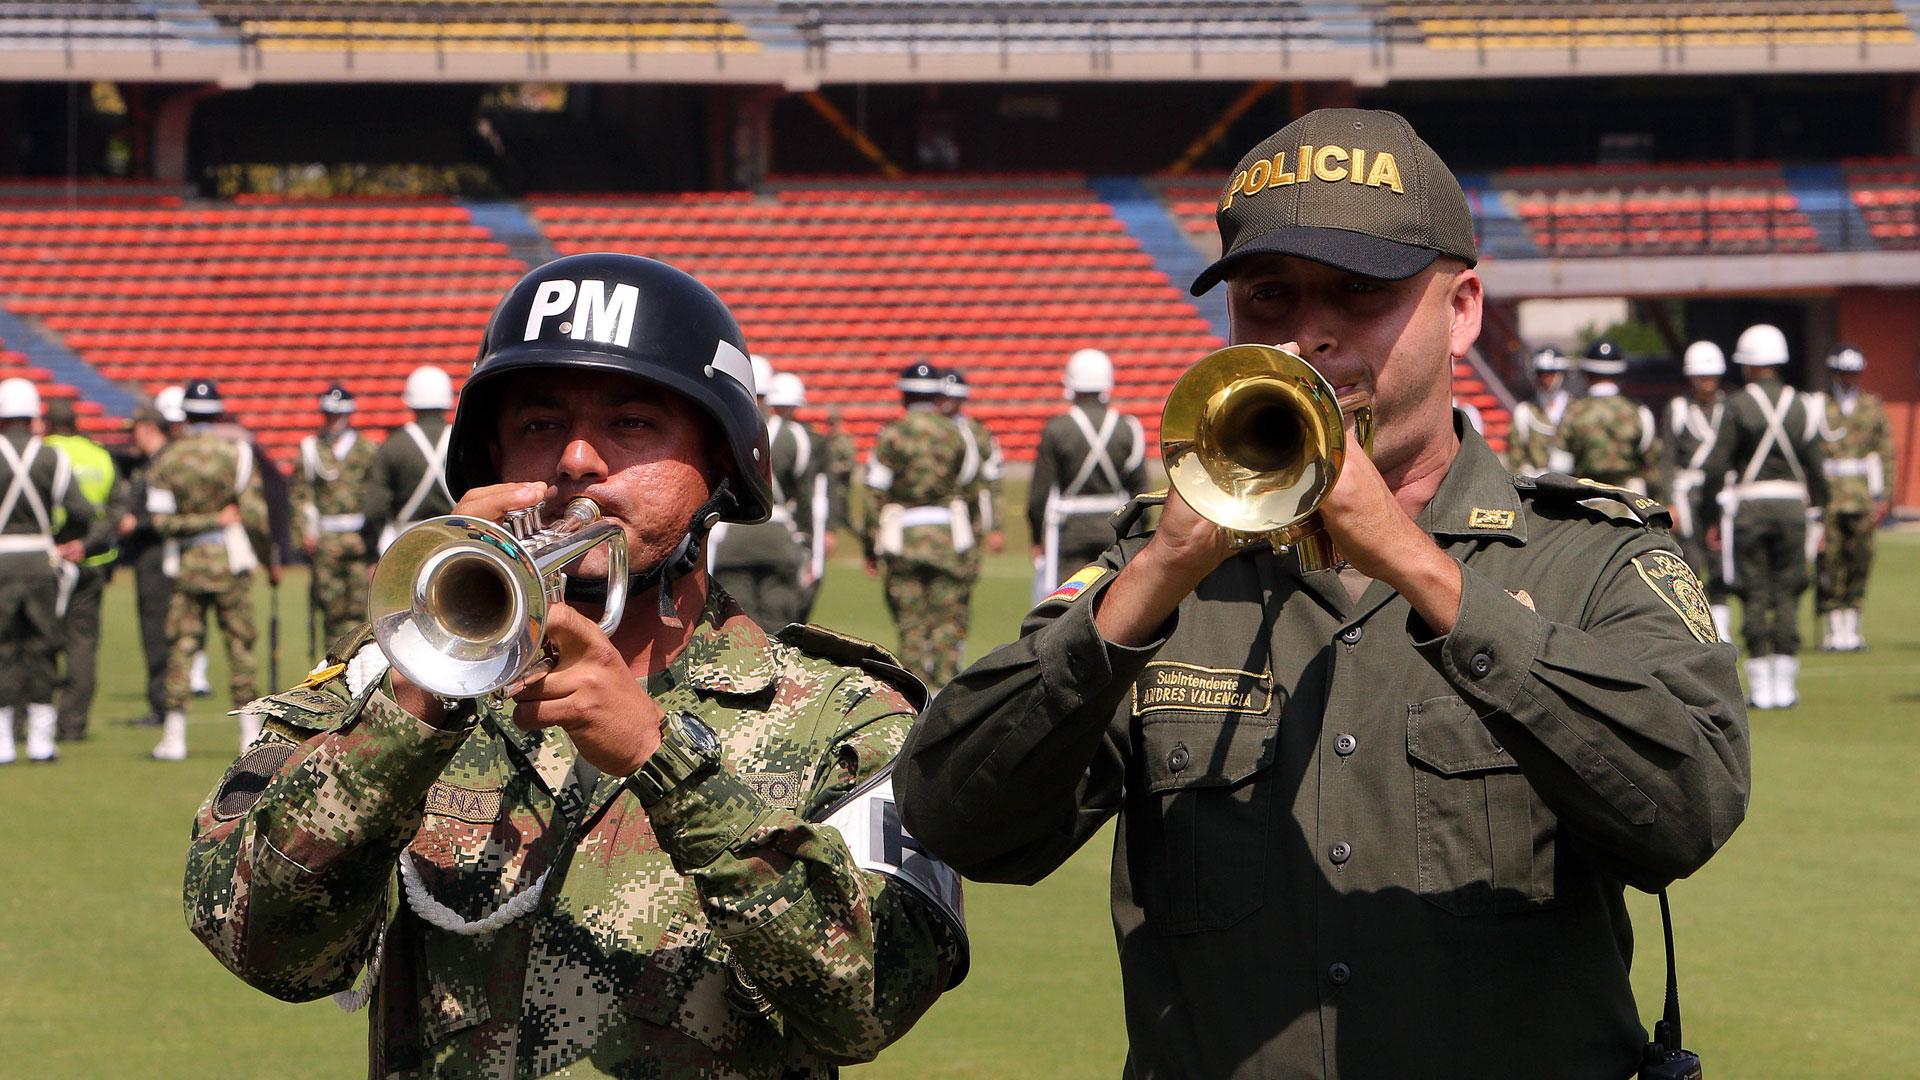 Las fuerzas de seguridad ensayan en la previa del homenaje